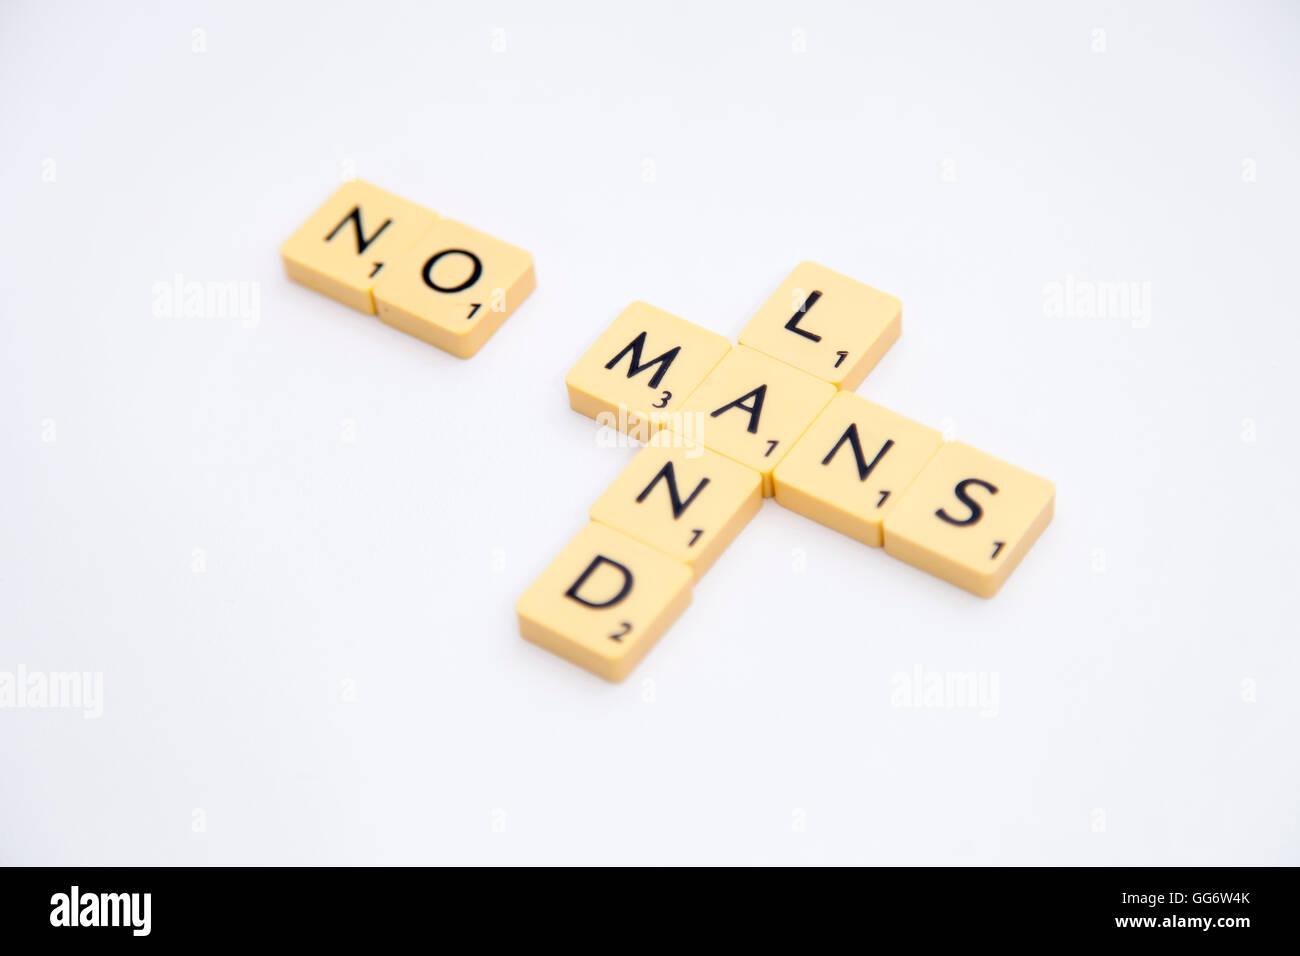 Scrabble piastrelle con lettere su di essi la compitazione dei no